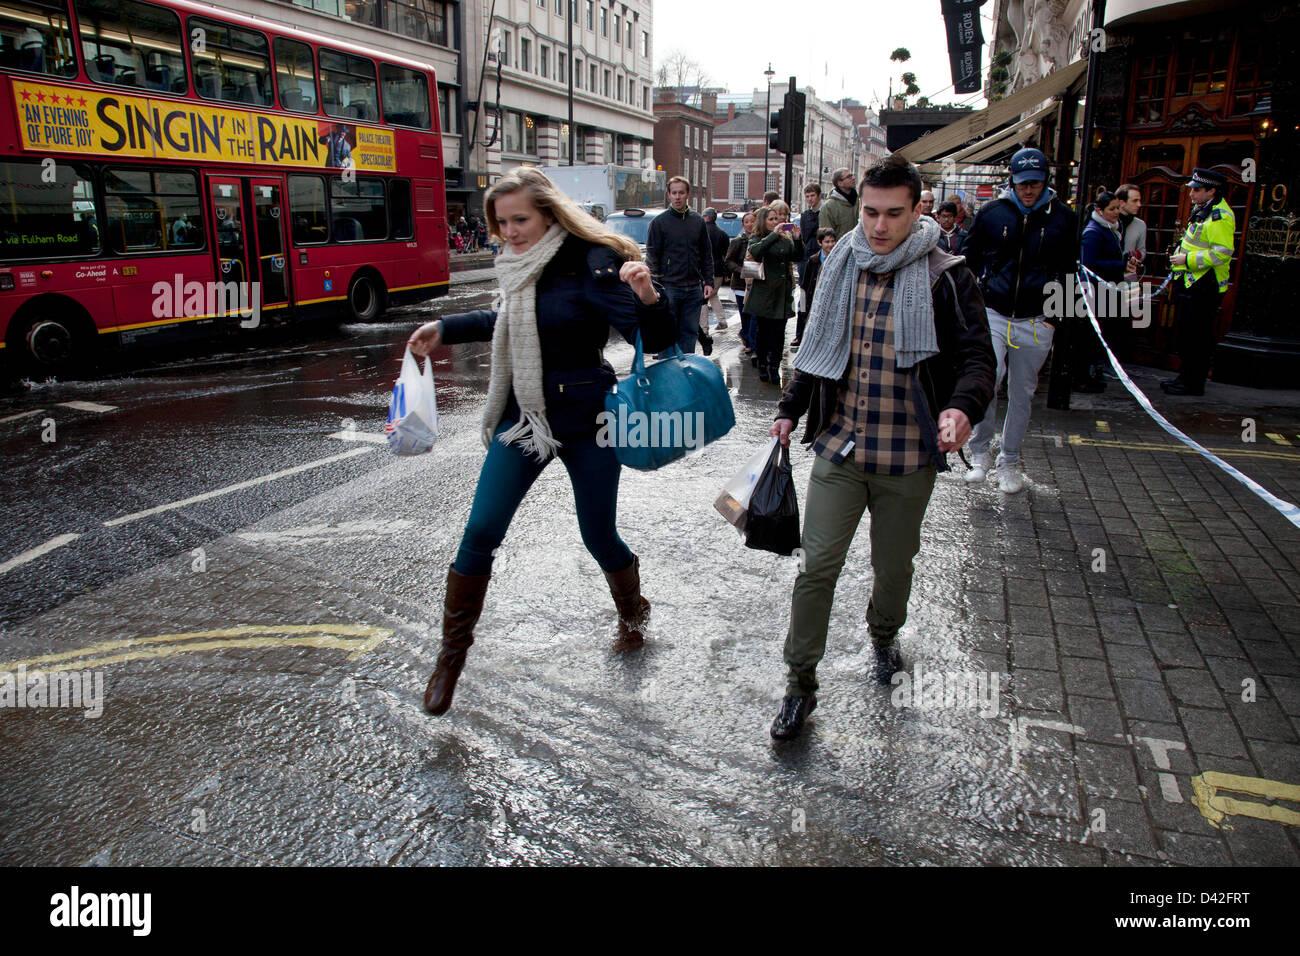 Londres, Royaume-Uni. Samedi 2 mars 2013. L'eau des inondations en rafale principales causes des perturbations Photo Stock